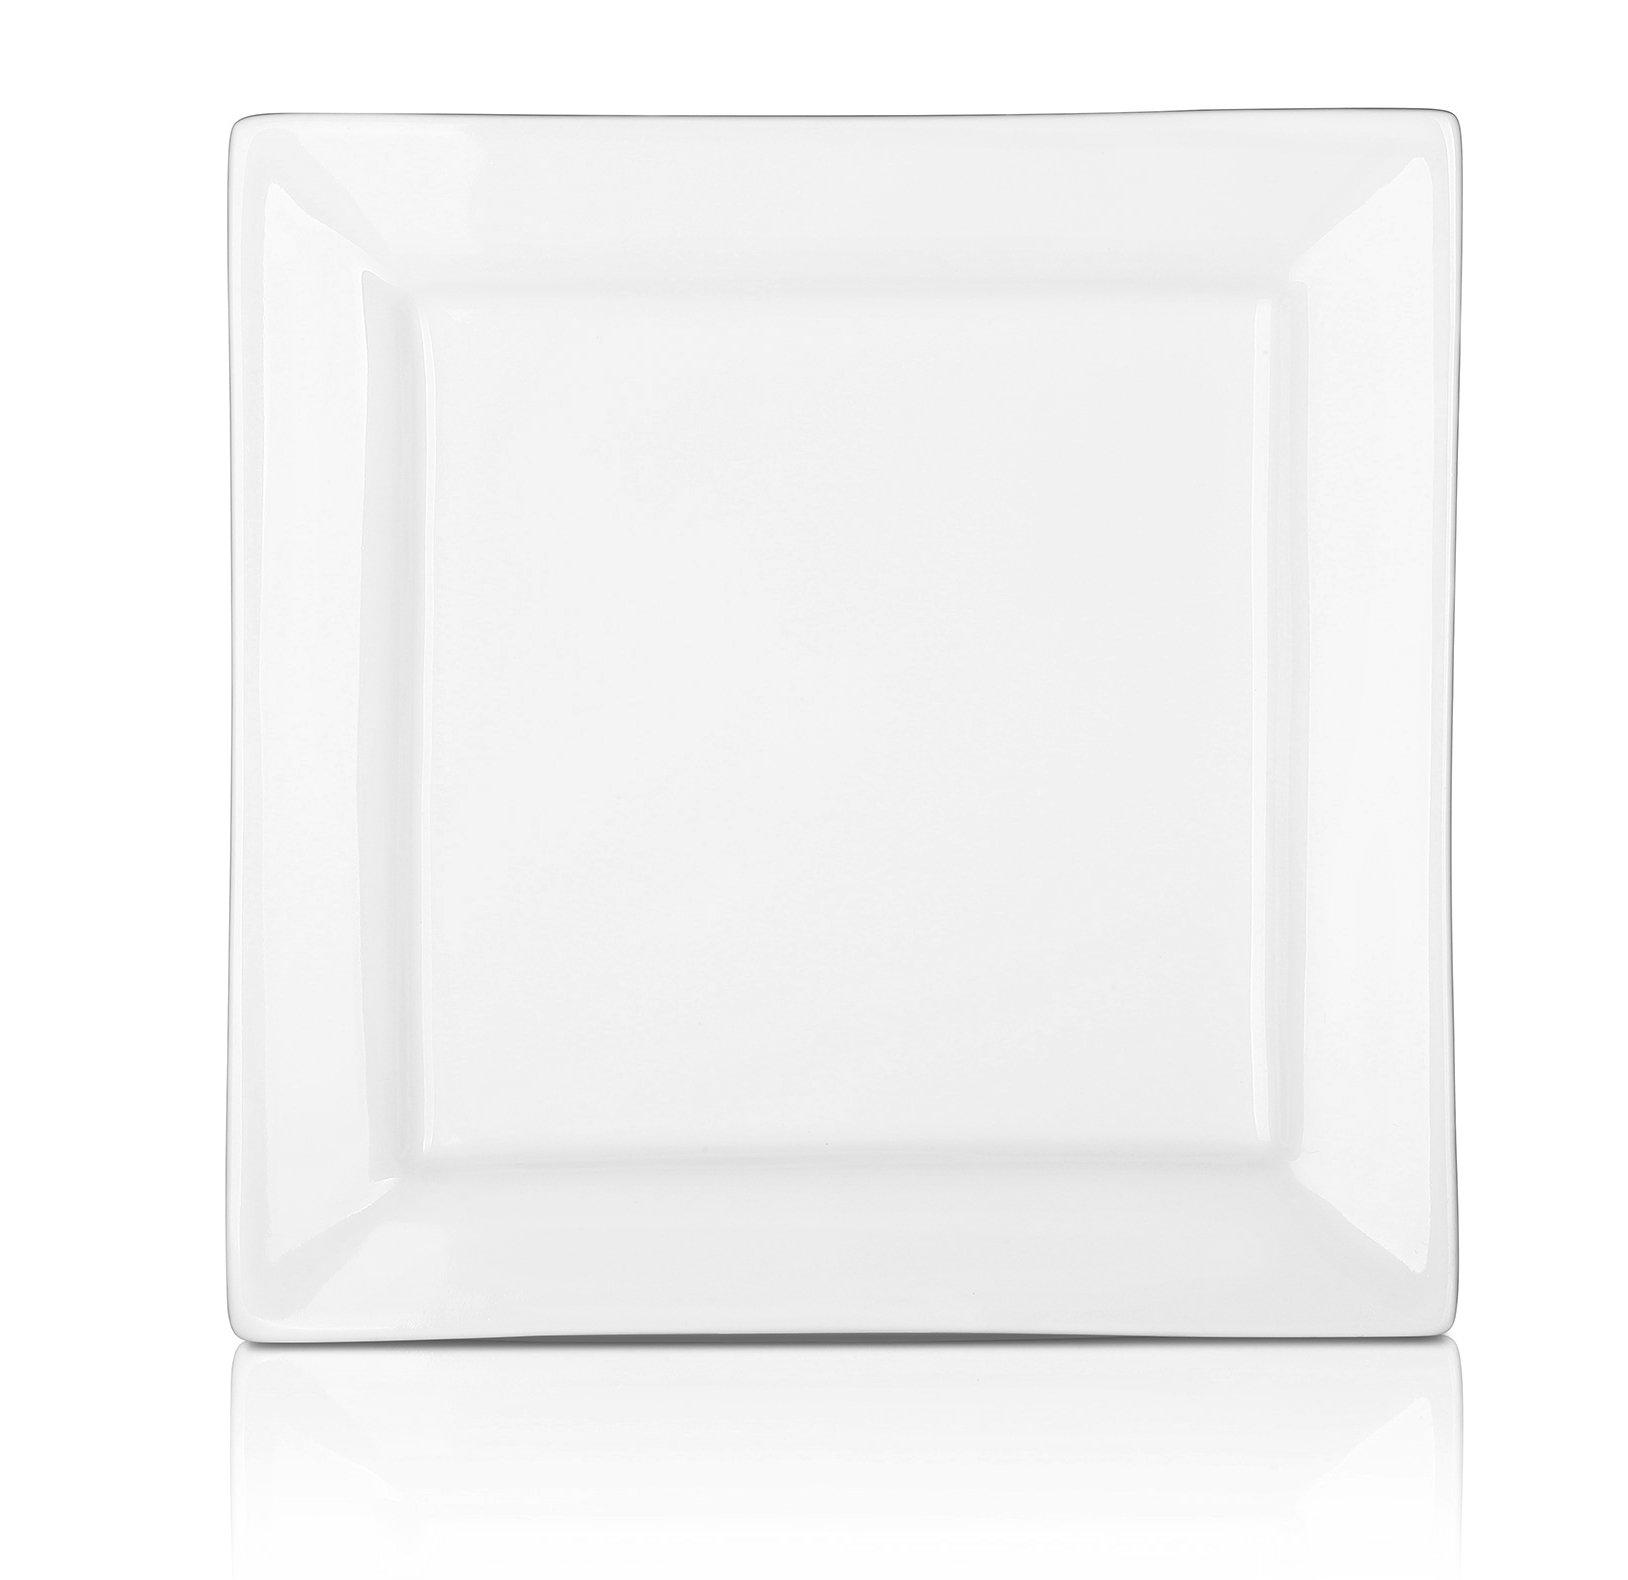 DOWAN 10 Inch Porcelain Square Dinner Plates - 4 Packs, White